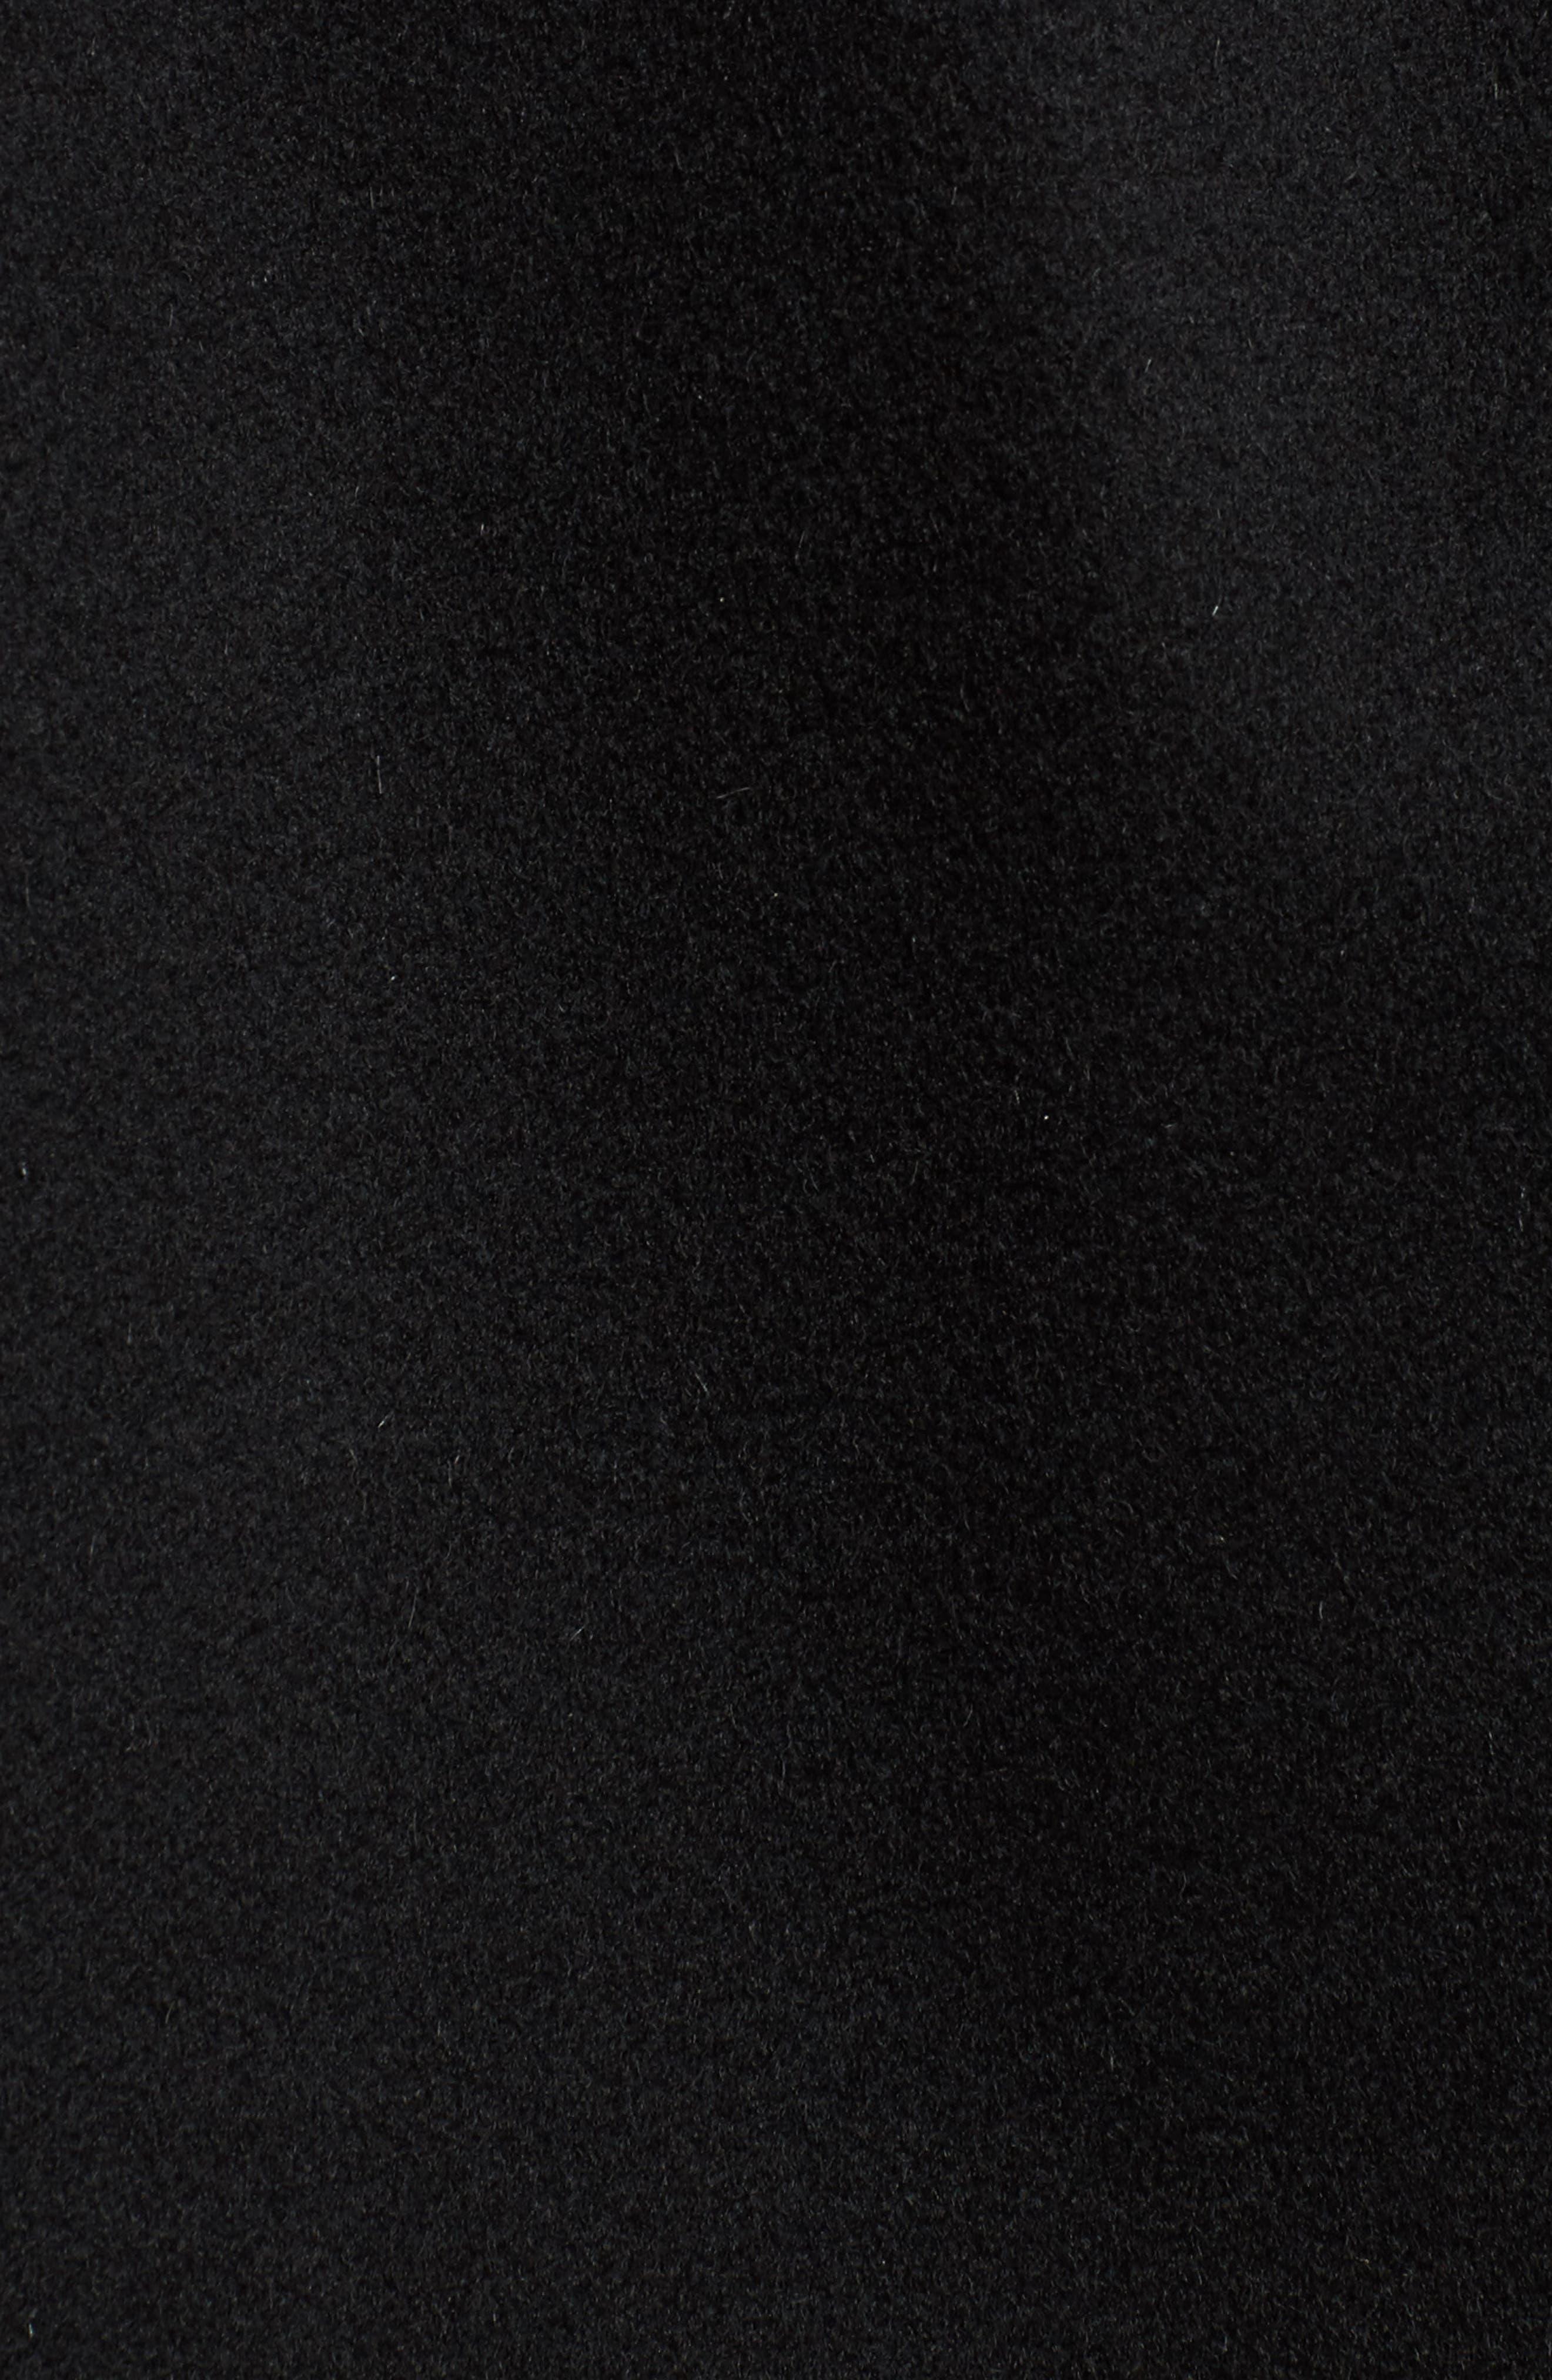 Genuine Fox Fur Lapel Wool & Cashmere Wrap Coat,                             Alternate thumbnail 5, color,                             Black